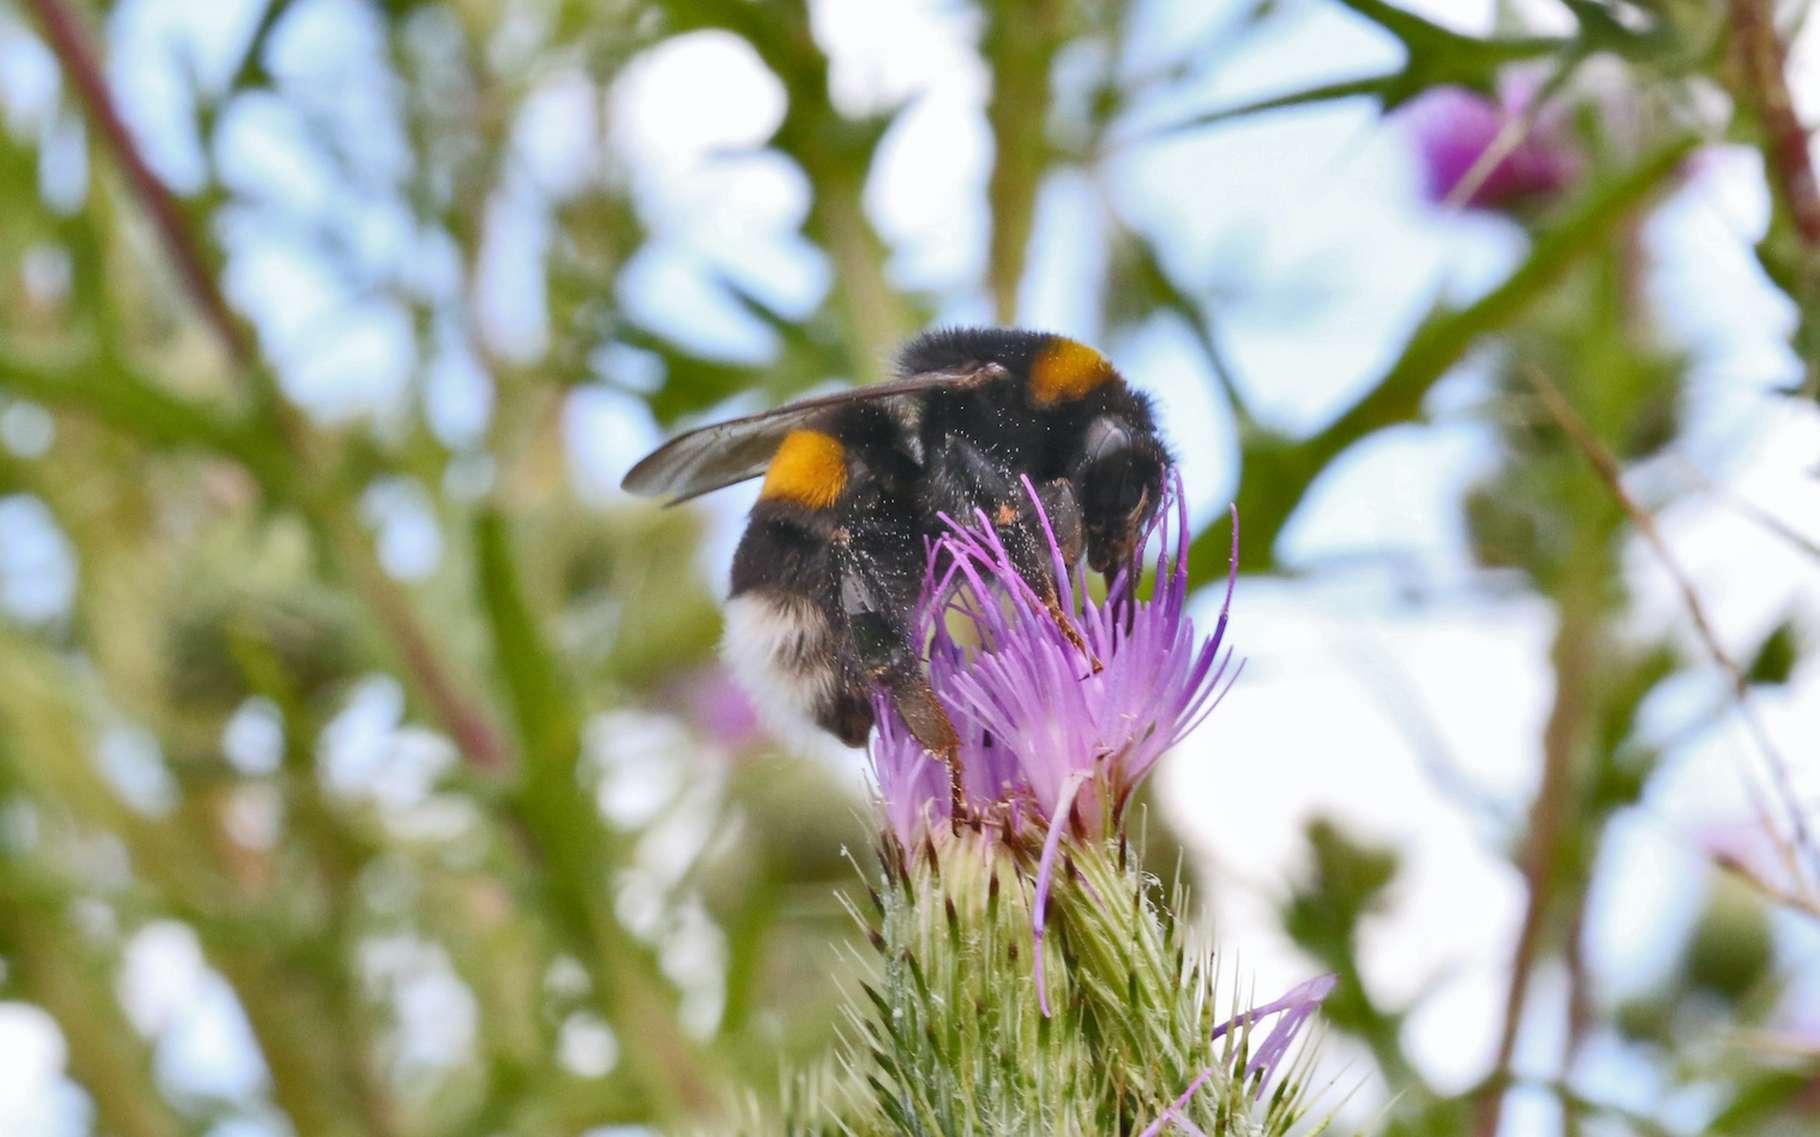 À les voir, comme ça, il n'y parait rien. Pourtant, les abeilles présentent de drôles de capacités cognitives. Une certaine flexibilité intellectuelle, même. Eh oui, pas si bêtes non plus, les abeilles. © LechimEuraled, Adobe Stock